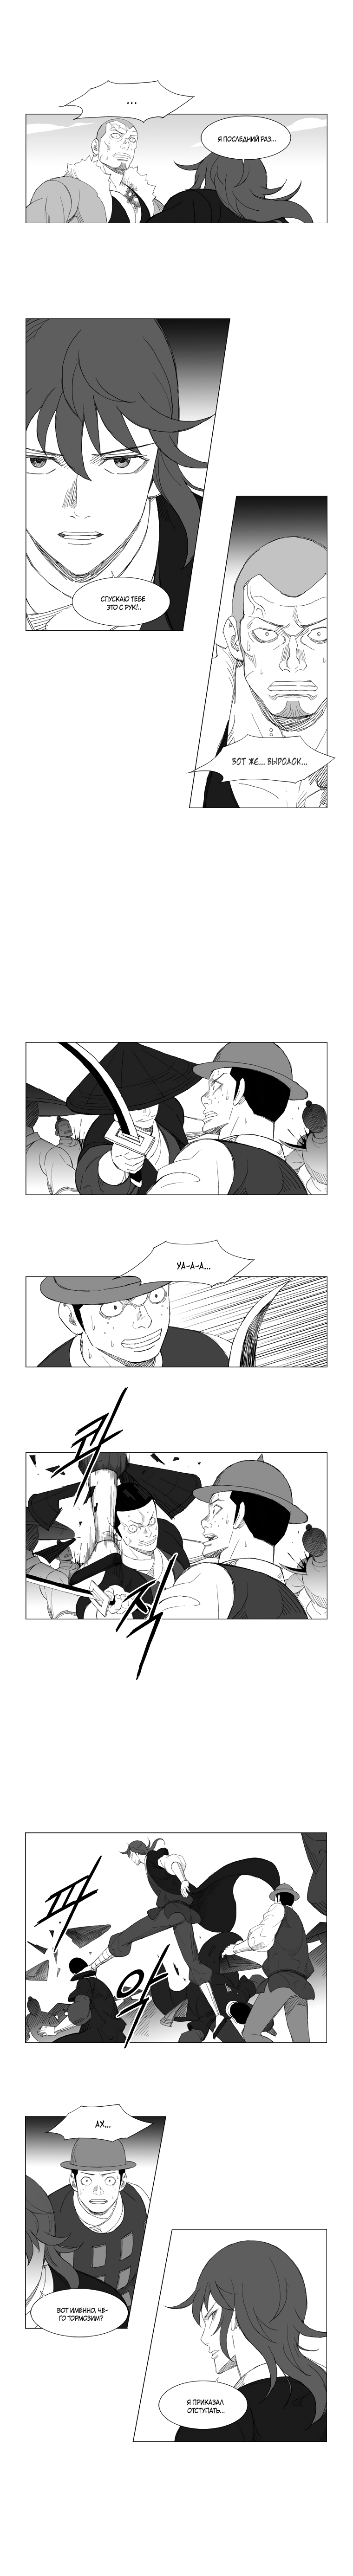 https://r1.ninemanga.com/comics/pic2/39/28263/416253/1532707591598.png Page 3